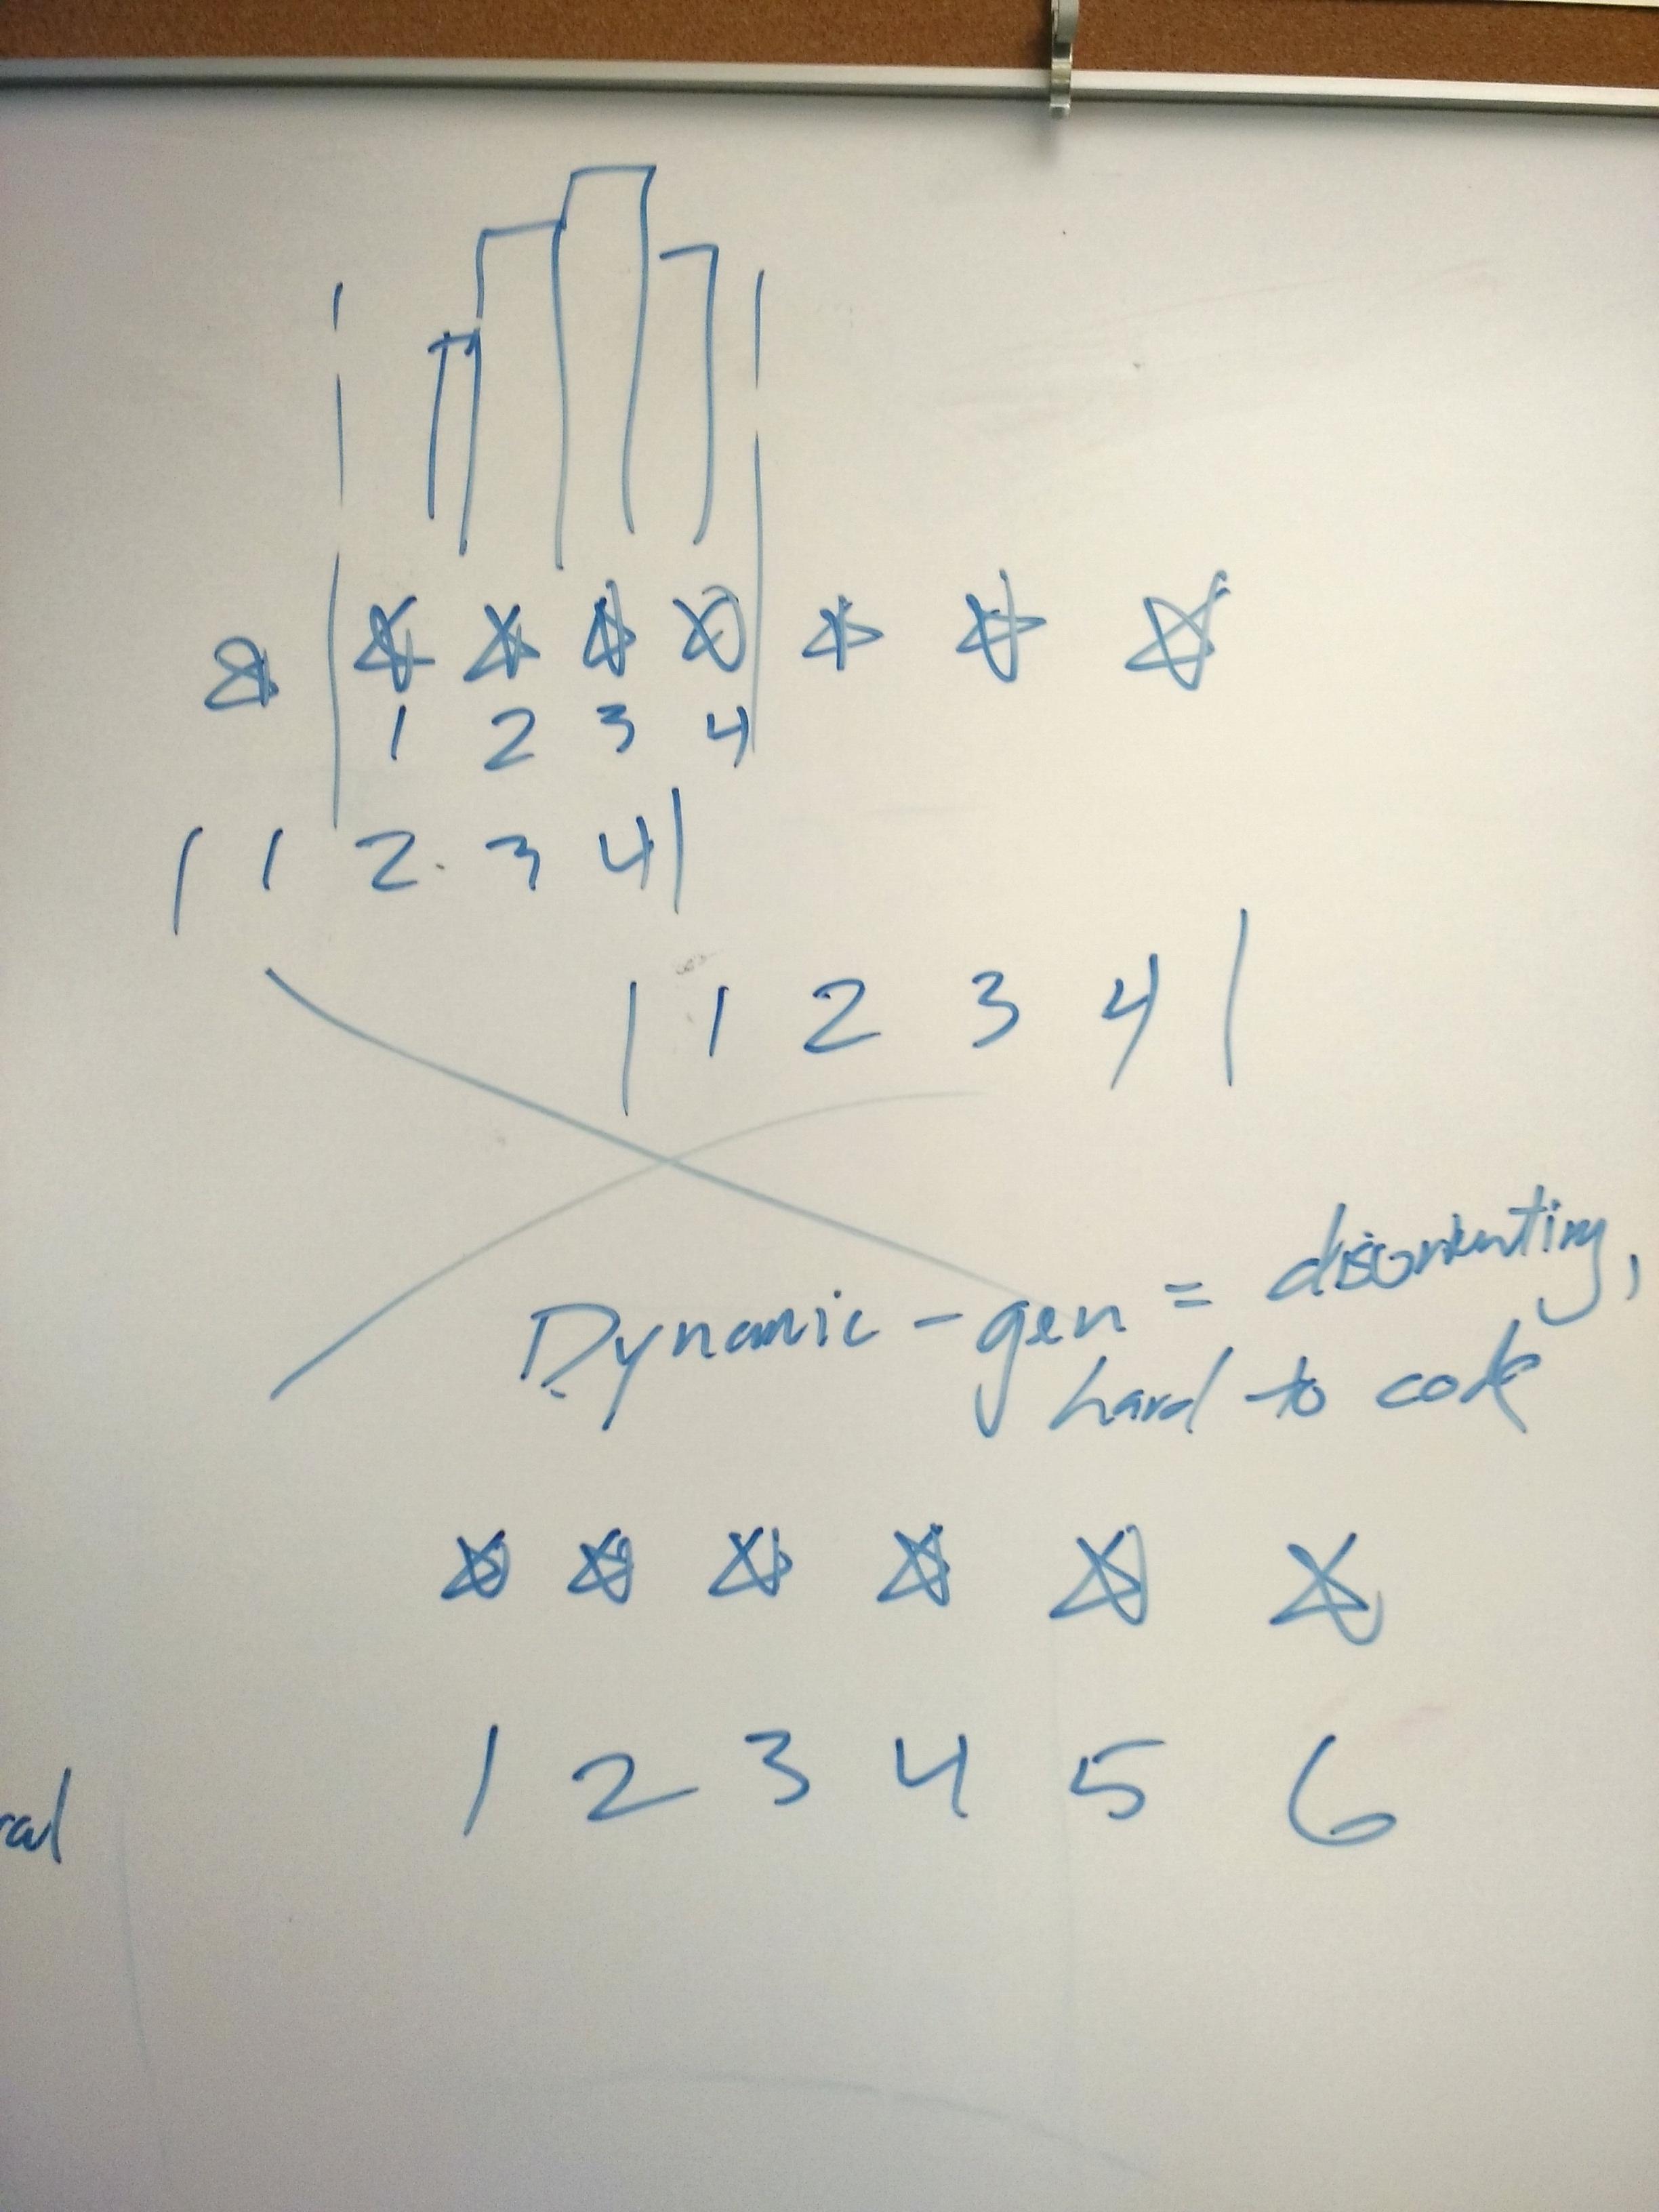 Dynamic music visualization generation